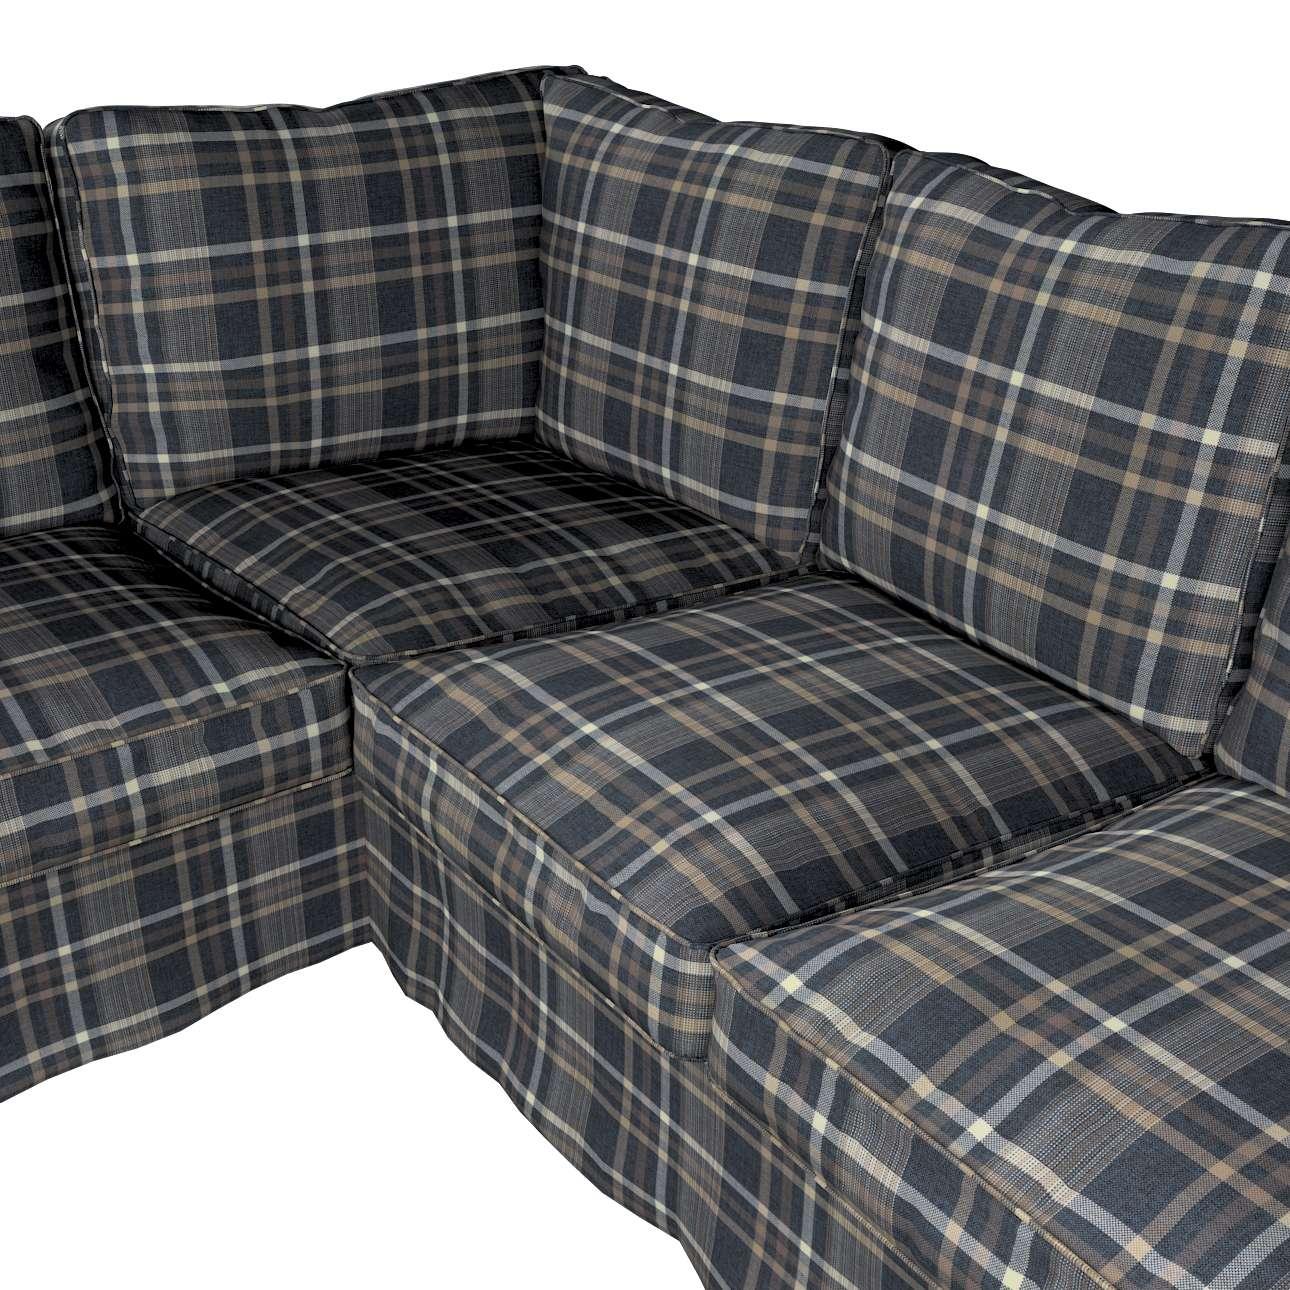 Pokrowiec na sofę narożną Ektorp w kolekcji Edinburgh, tkanina: 703-16